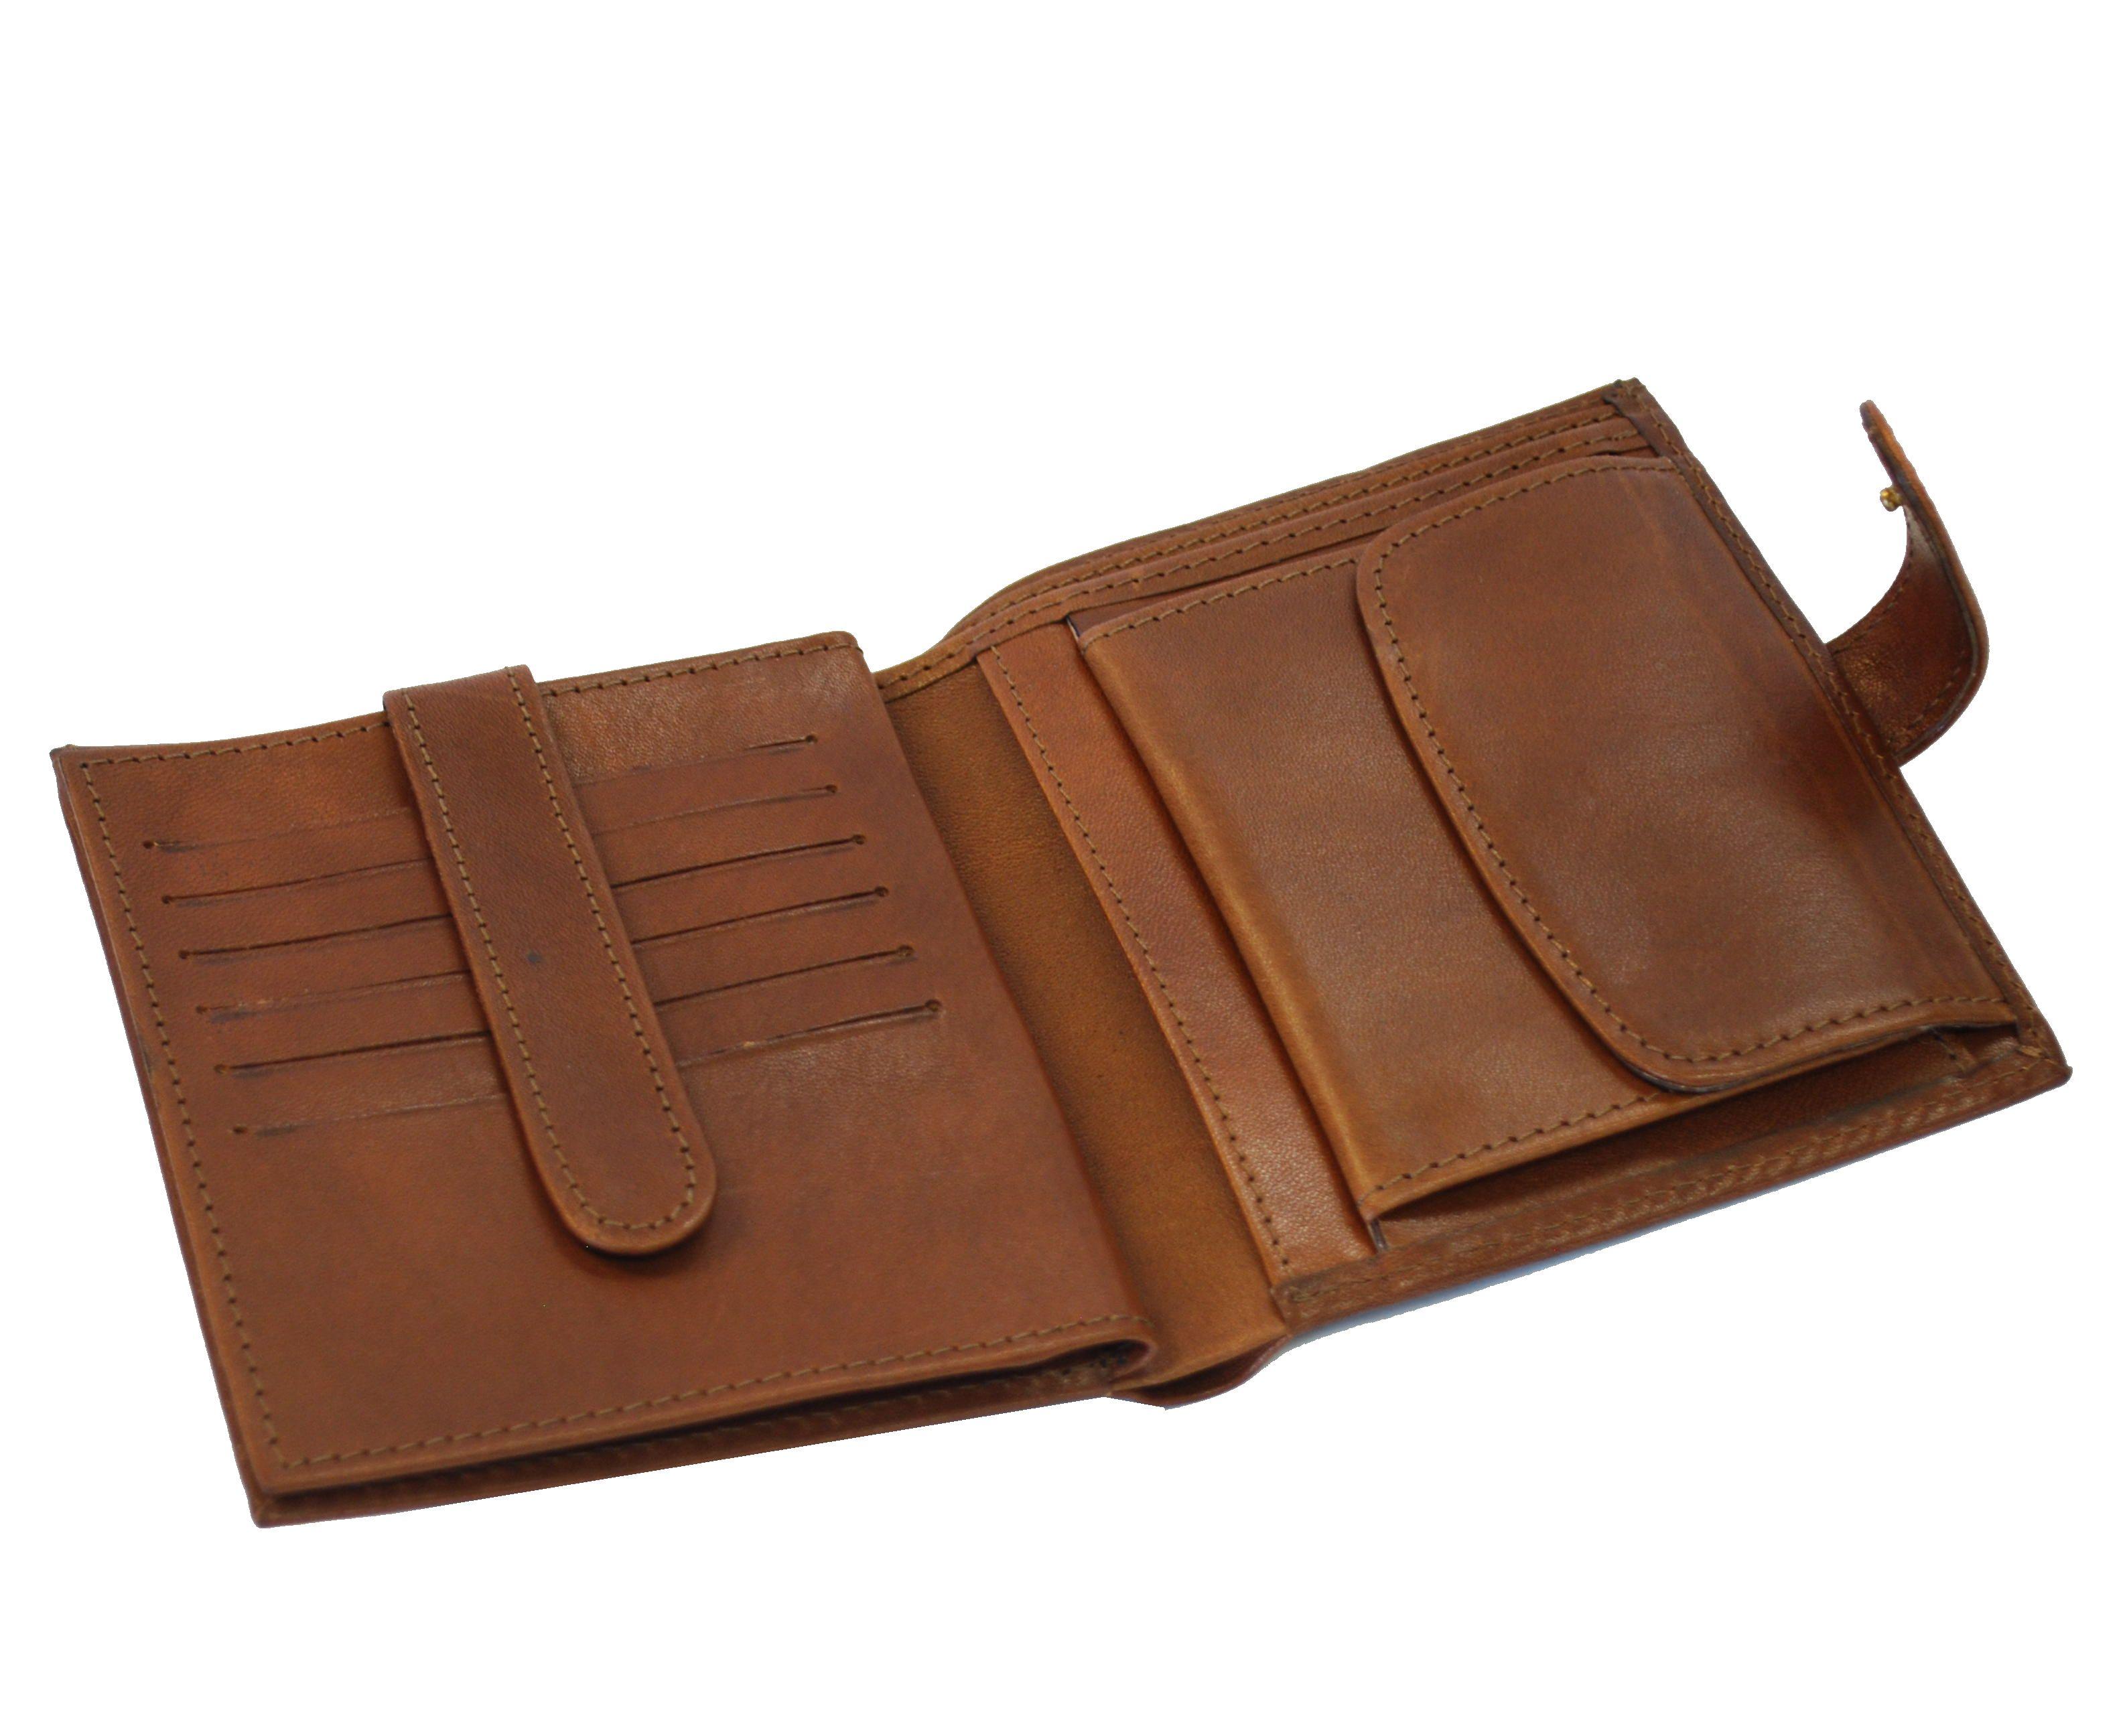 fe4a8d4e7 Exkluzívna kožená peňaženka je vyrobená z prírodnej kože